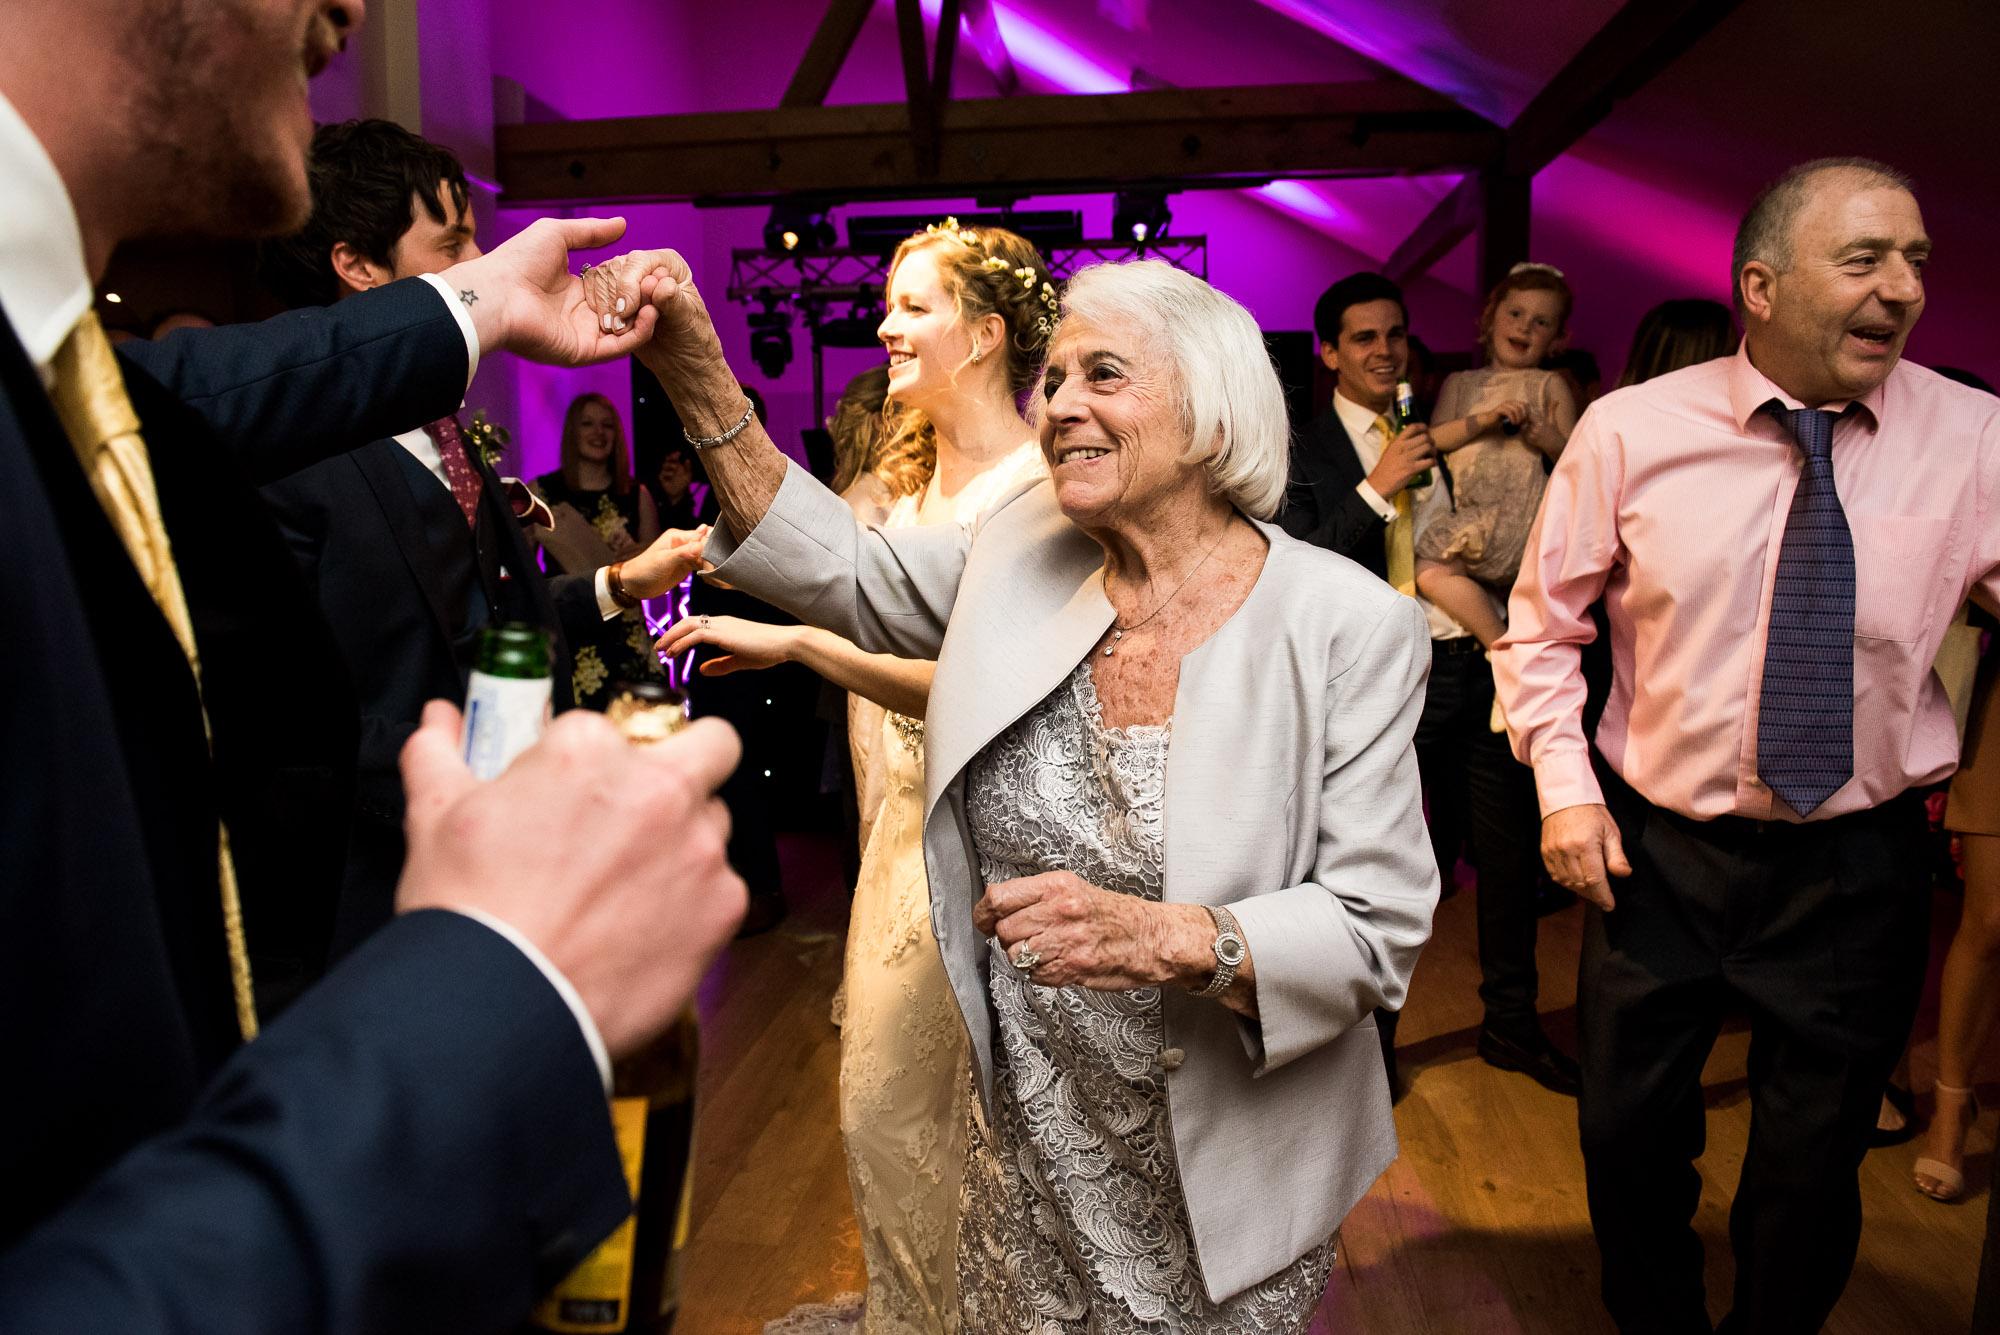 Guests Dancing Essex Barn wedding